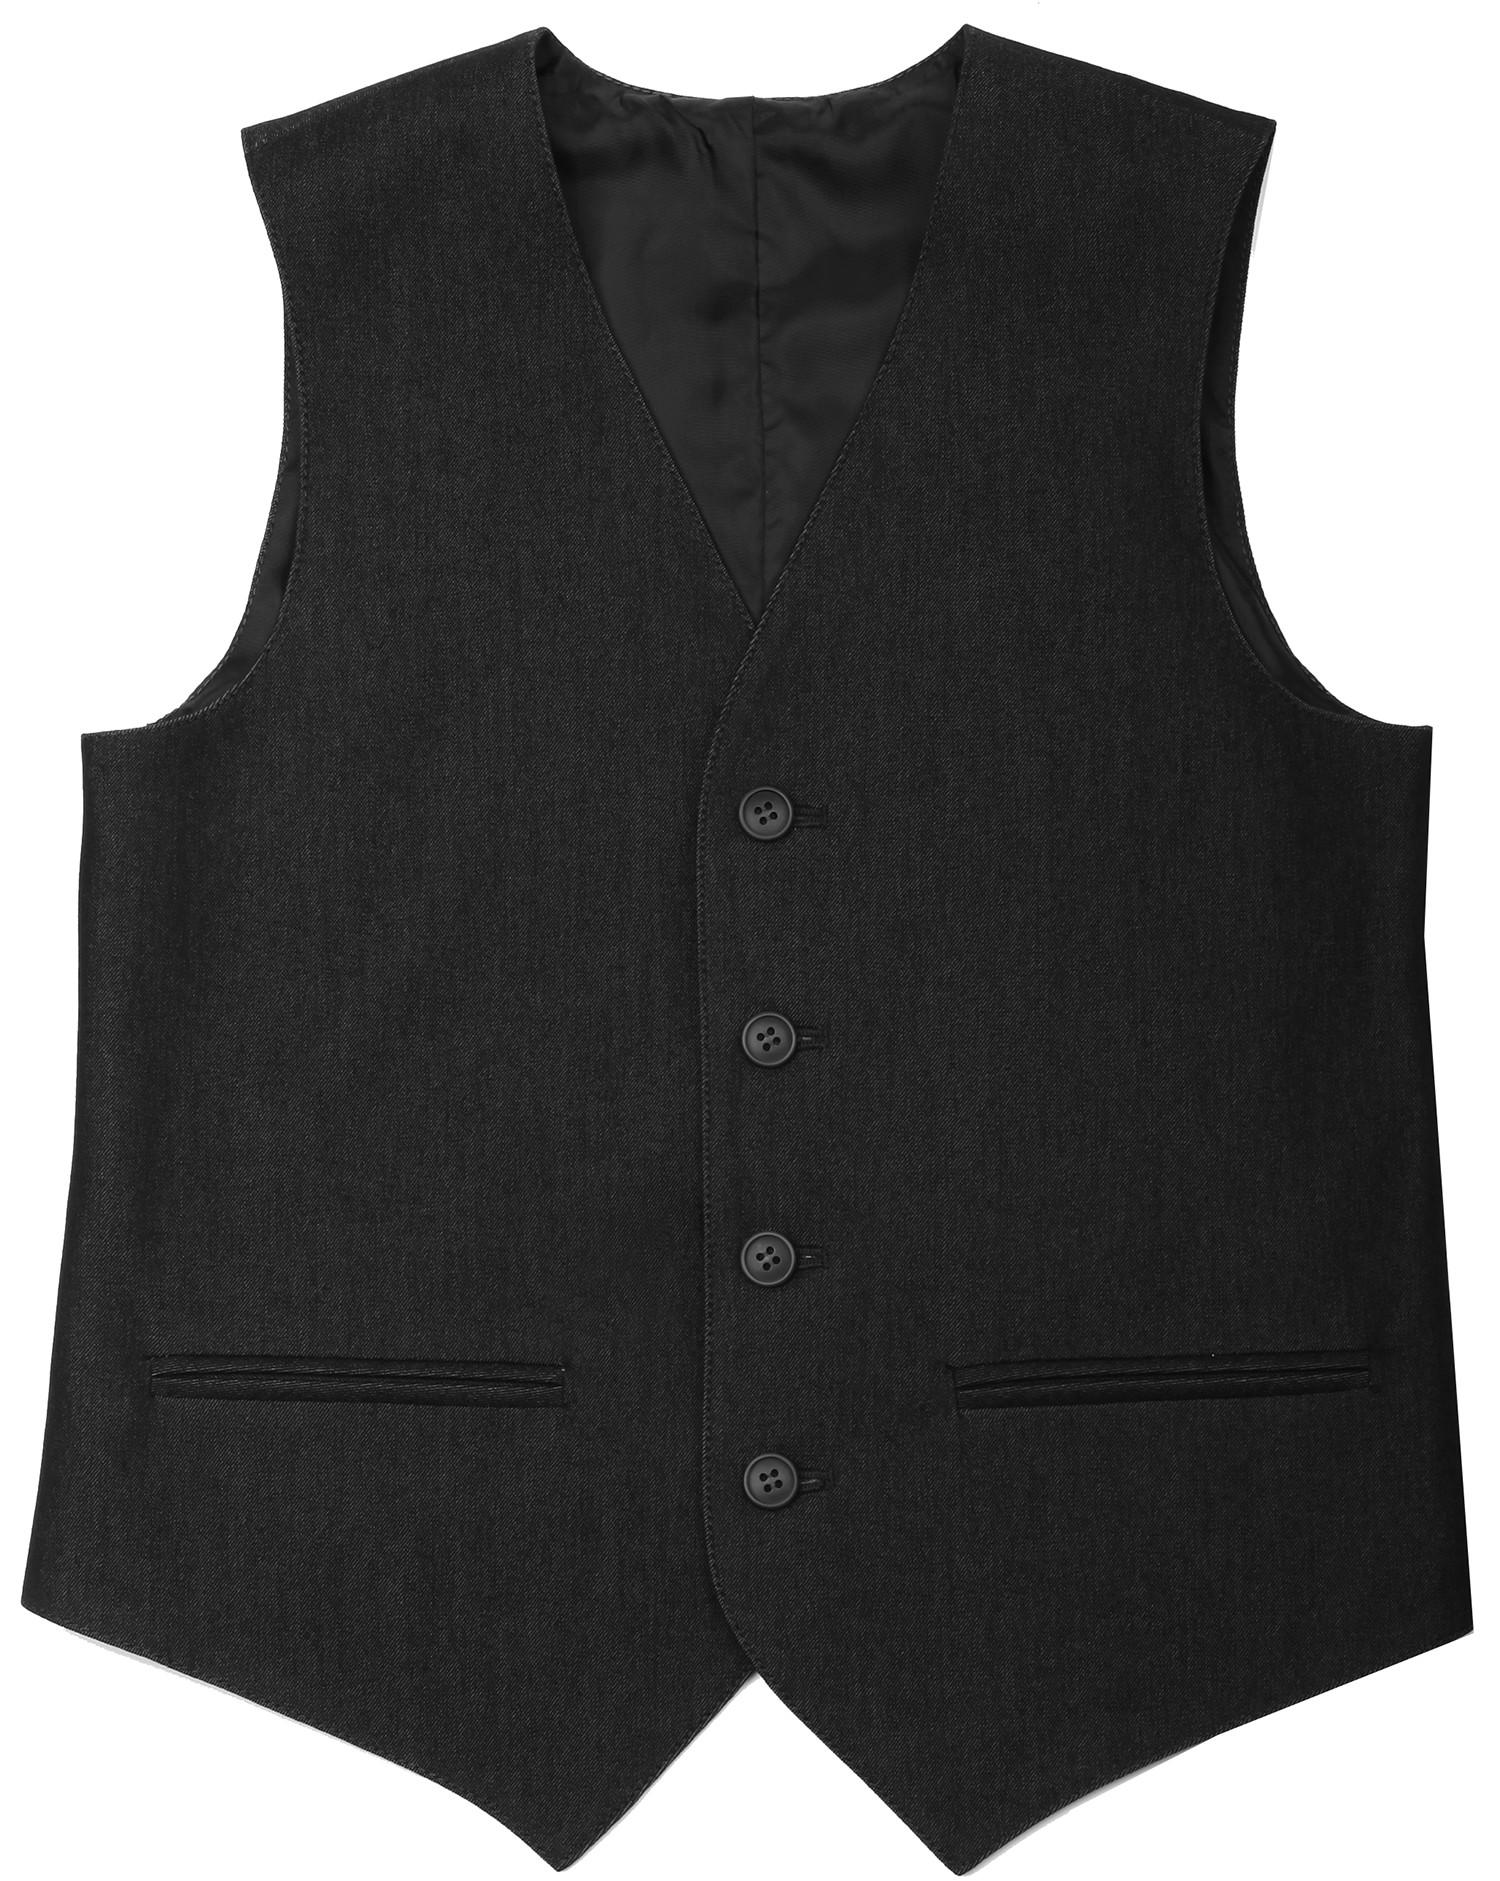 Форма для мальчиков VALMER Жилет для мальчика Valmer, черный модный жилет для мужчин no fear